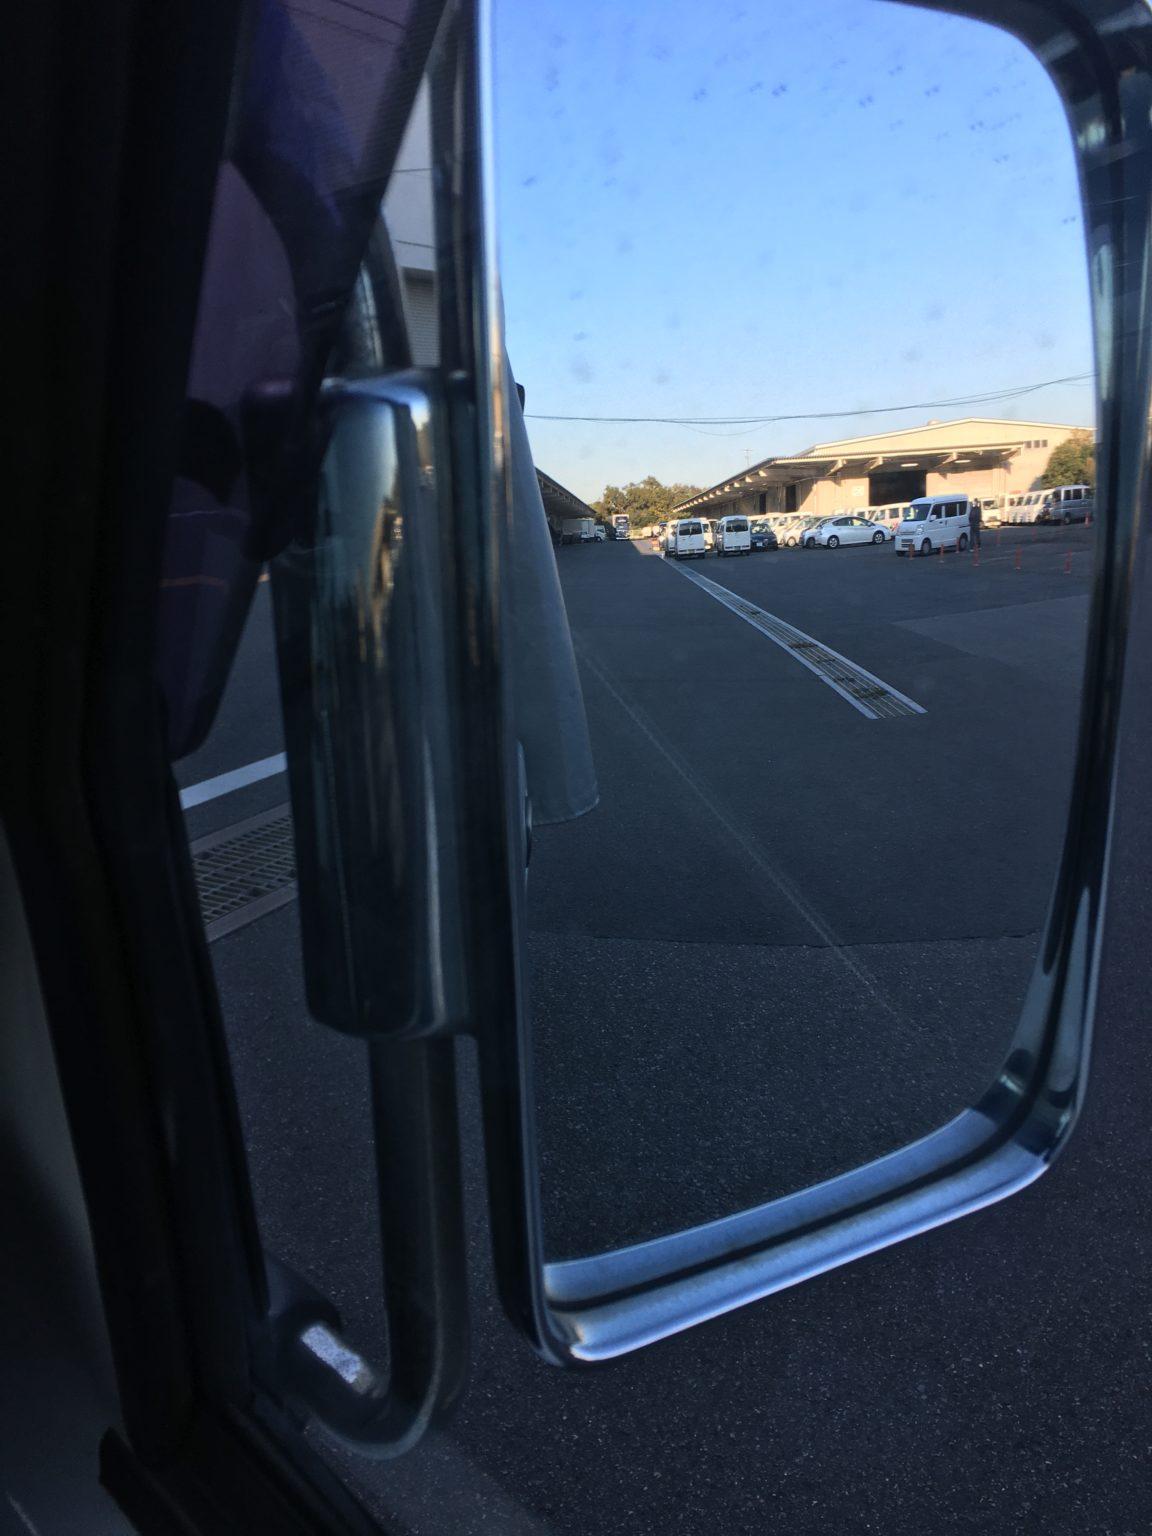 御法度と軽貨物ドライバー問題 【軽貨物運送の検証ブログ】